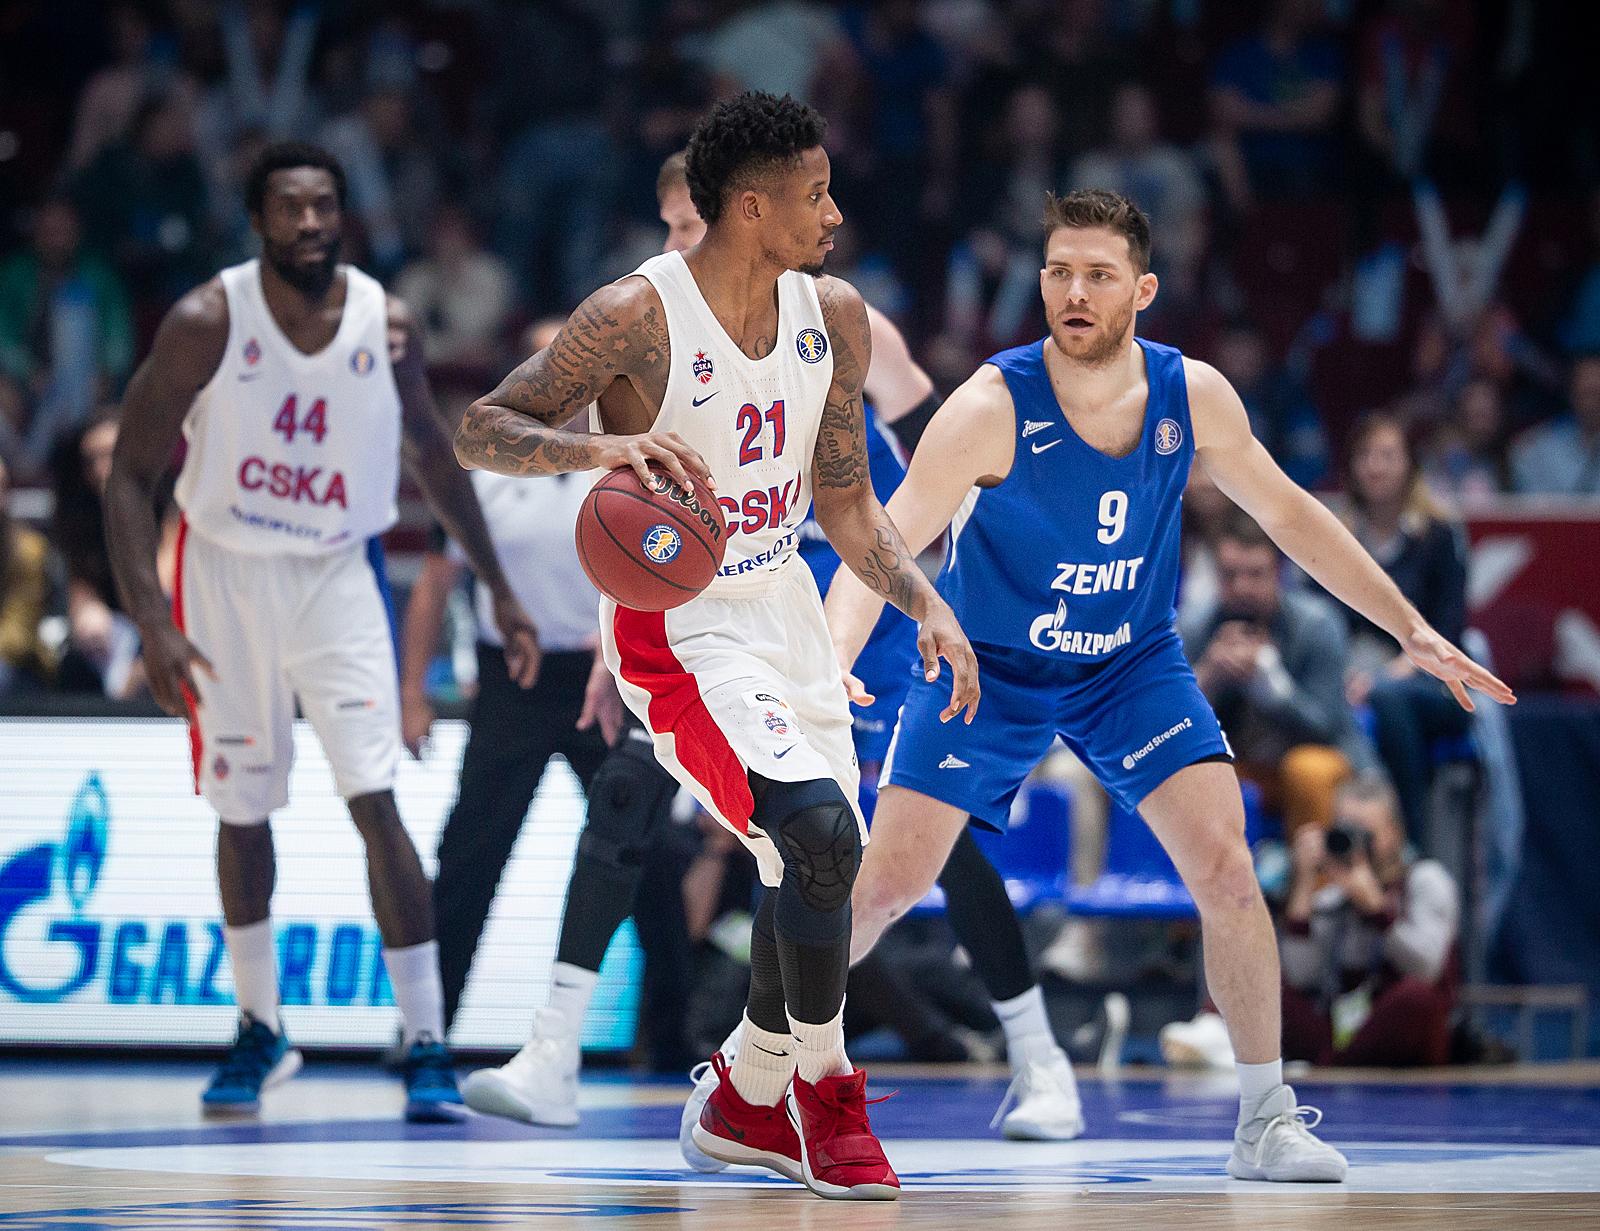 CSKA Reaches Finals After St. Petersburg Thriller